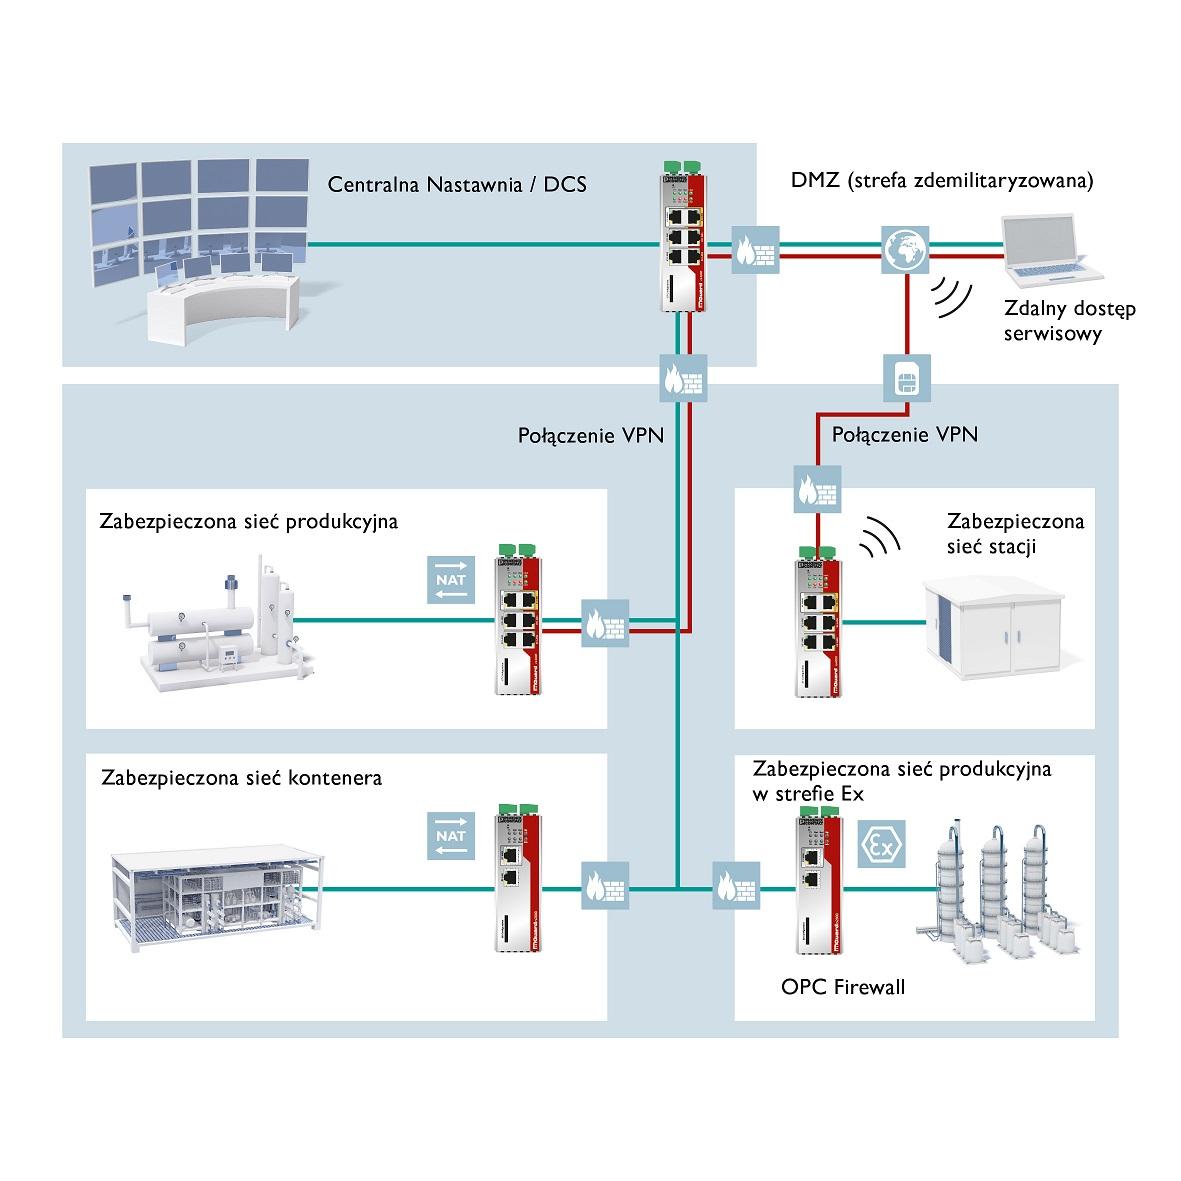 Zakłady produkcyjne mogą być chronione przez routery zabezpieczające w sposób zdecentralizowany